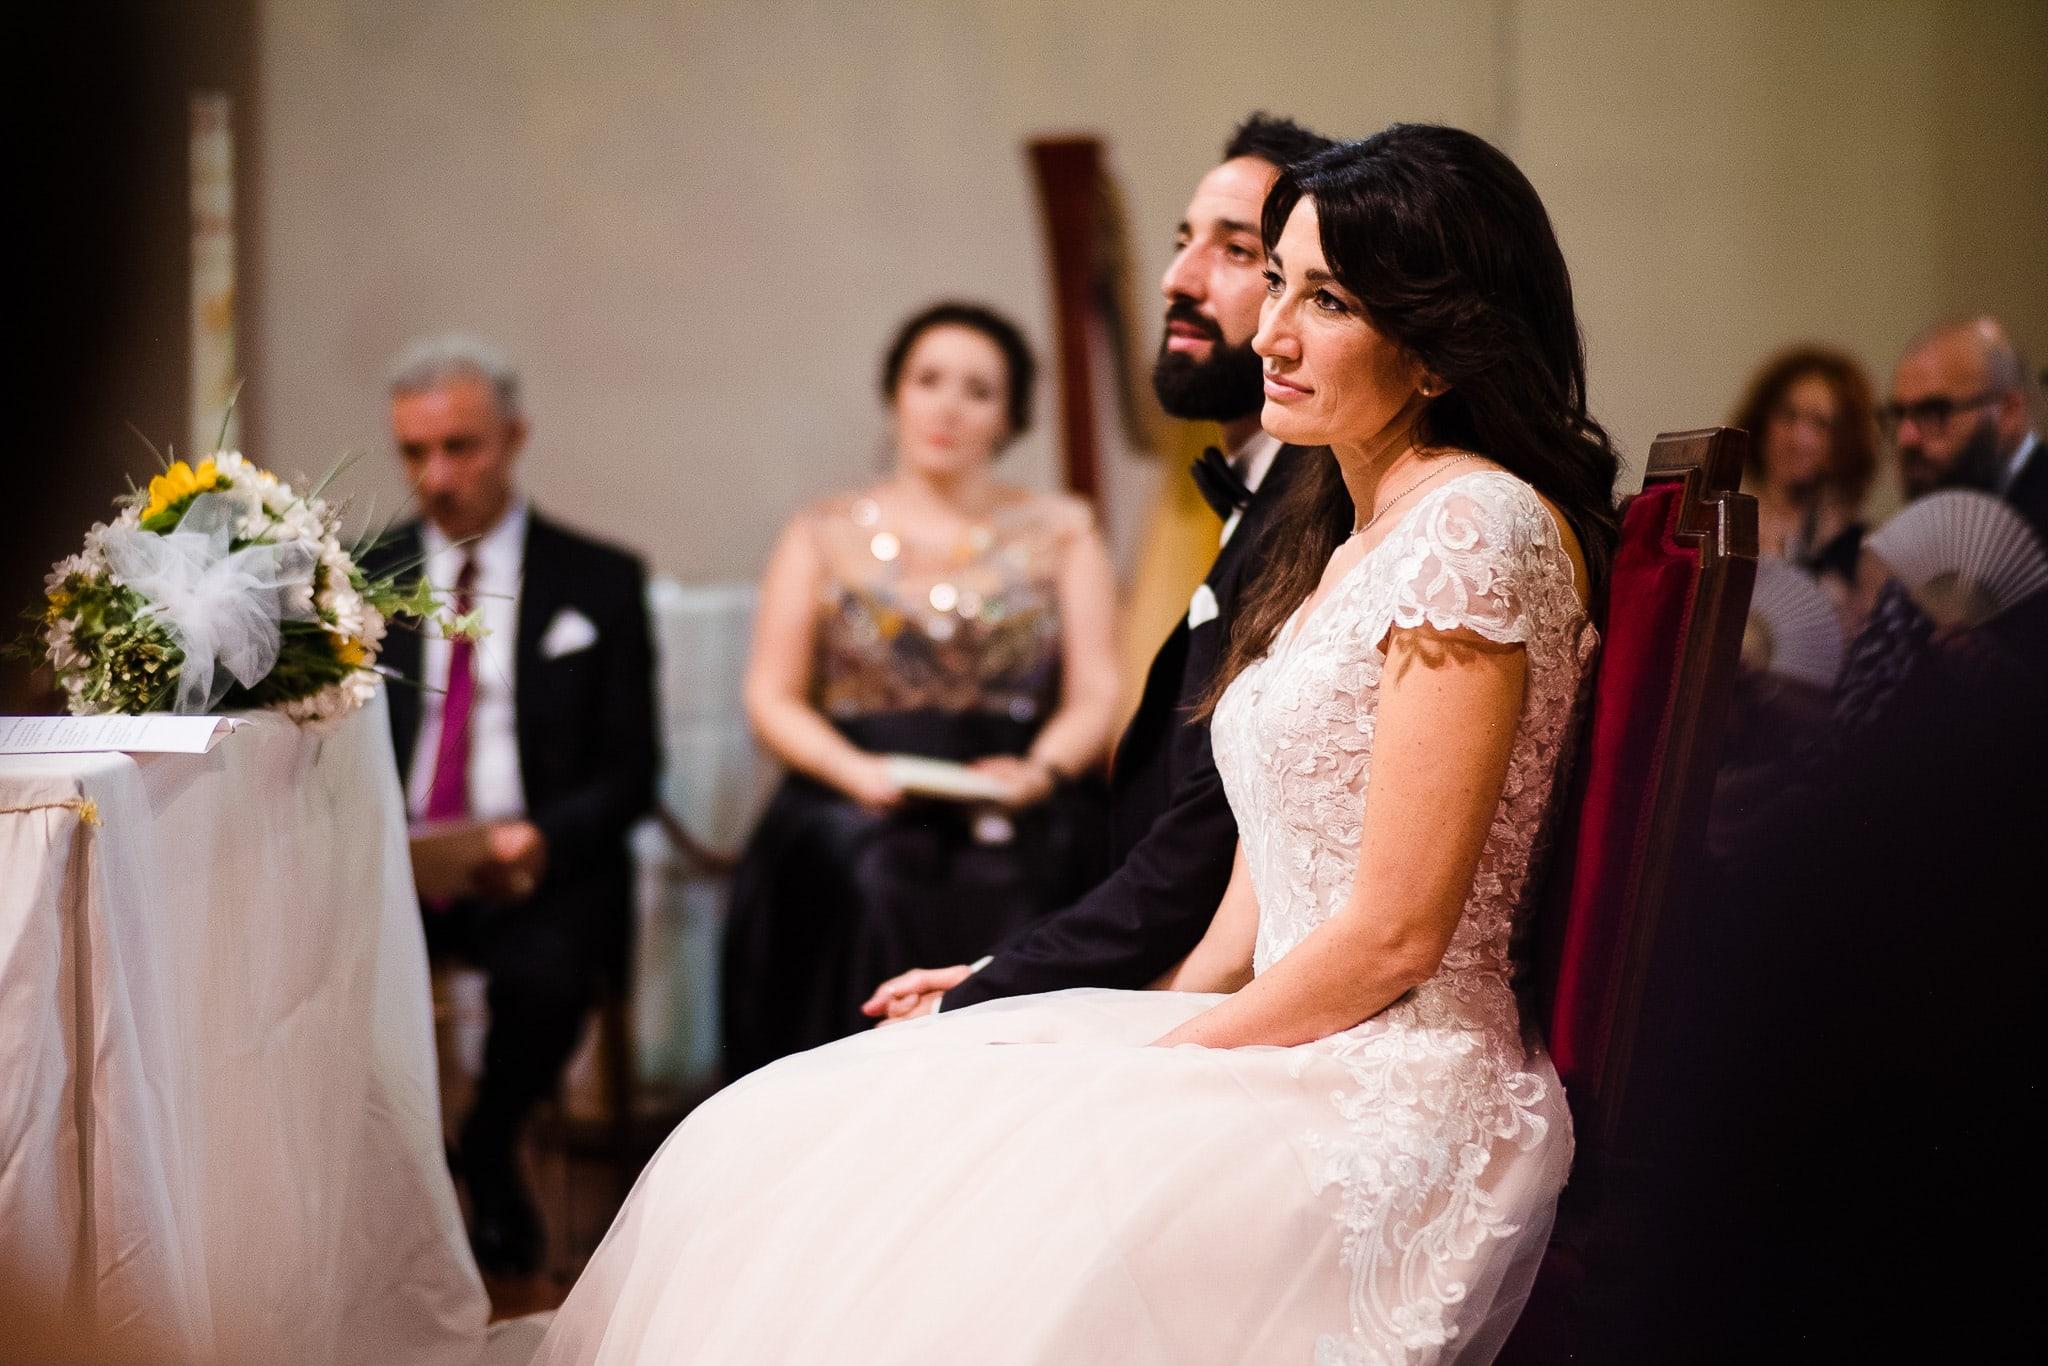 Matrimonio Lecco chiesa promessi sposi 46